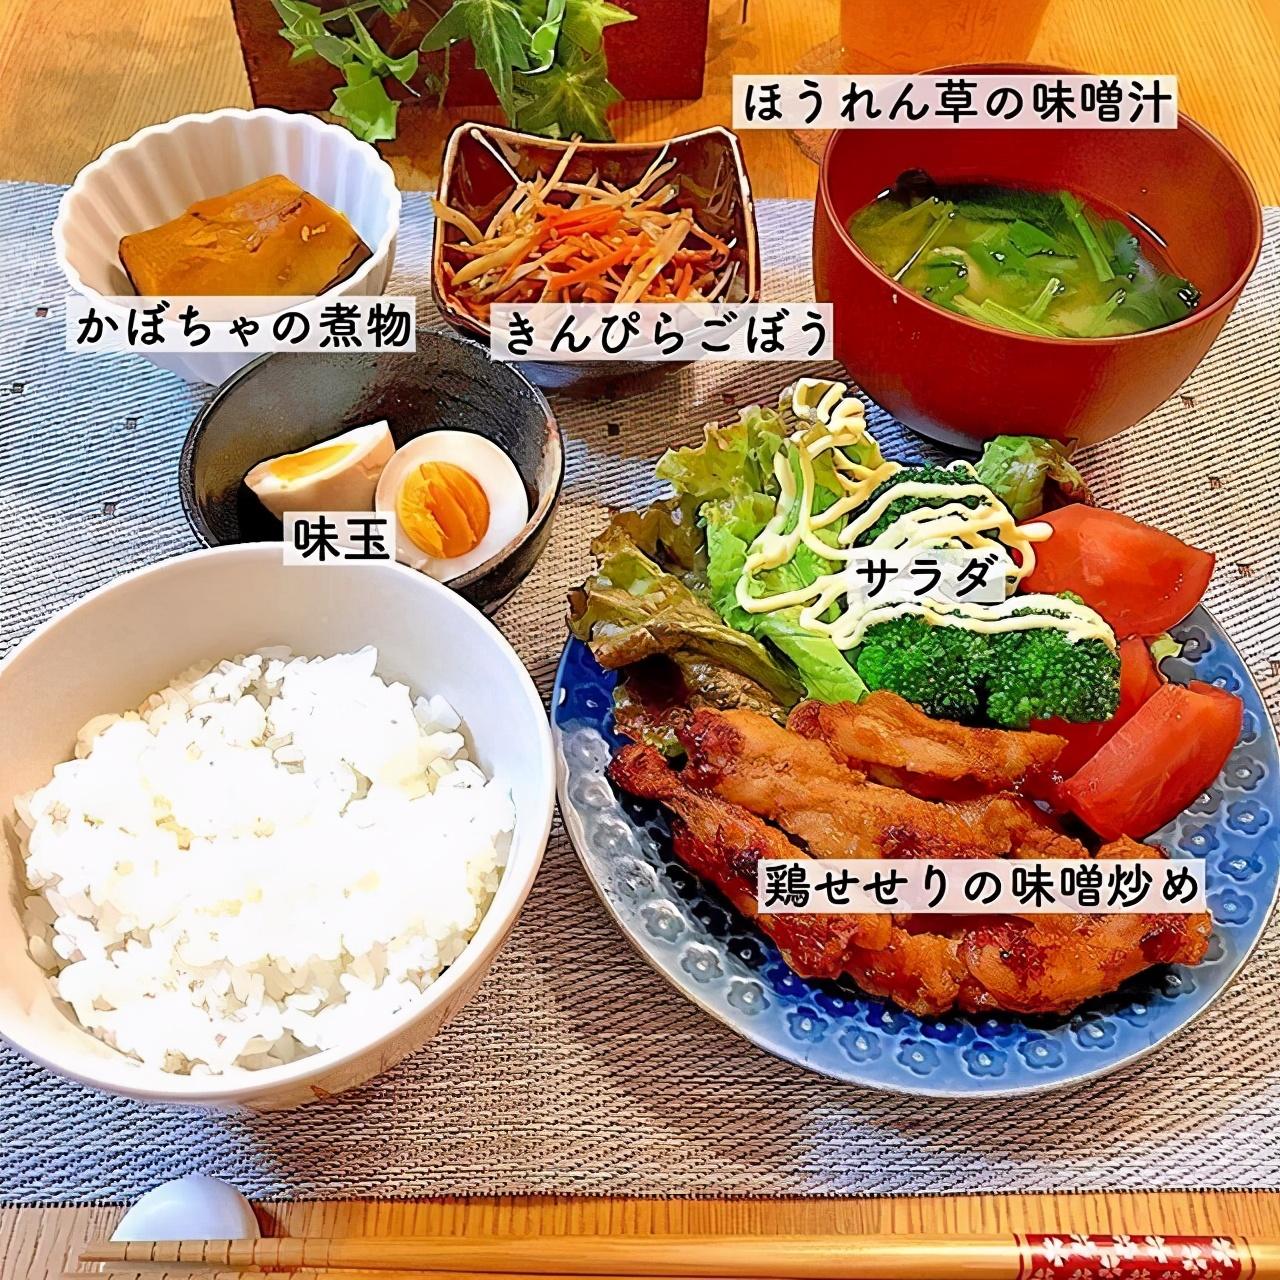 热衷节约的日本主妇,每顿饭不超过7元,网友:太会省钱了 节约省钱 第10张